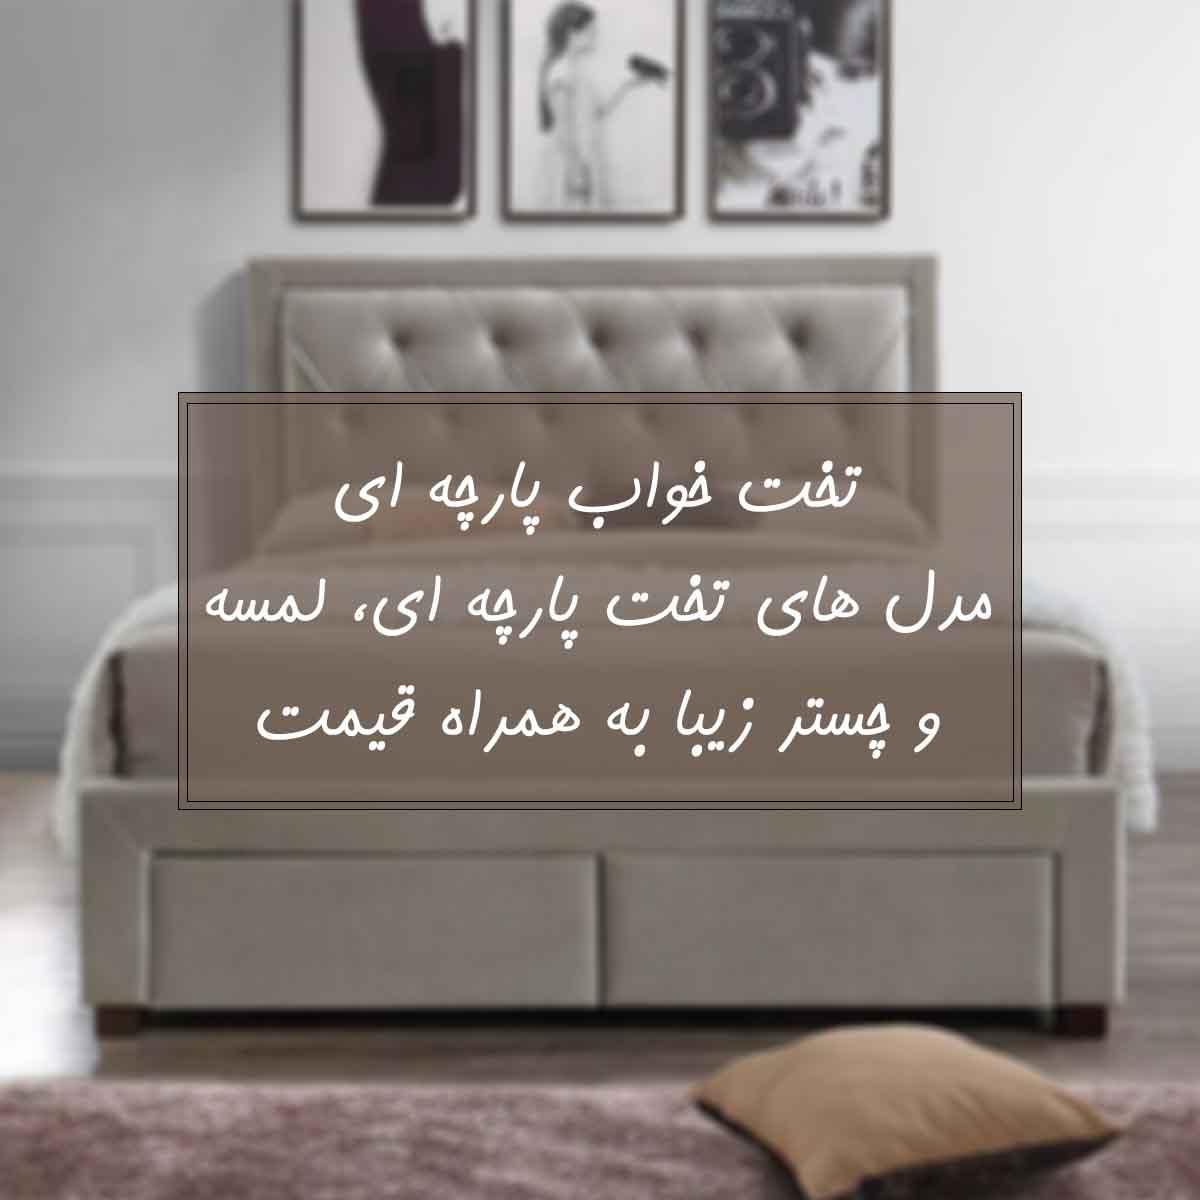 تخت خواب پارچه ای   مدل های تخت پارچه ای، لمسه و چستر زیبا به همراه قیمت!